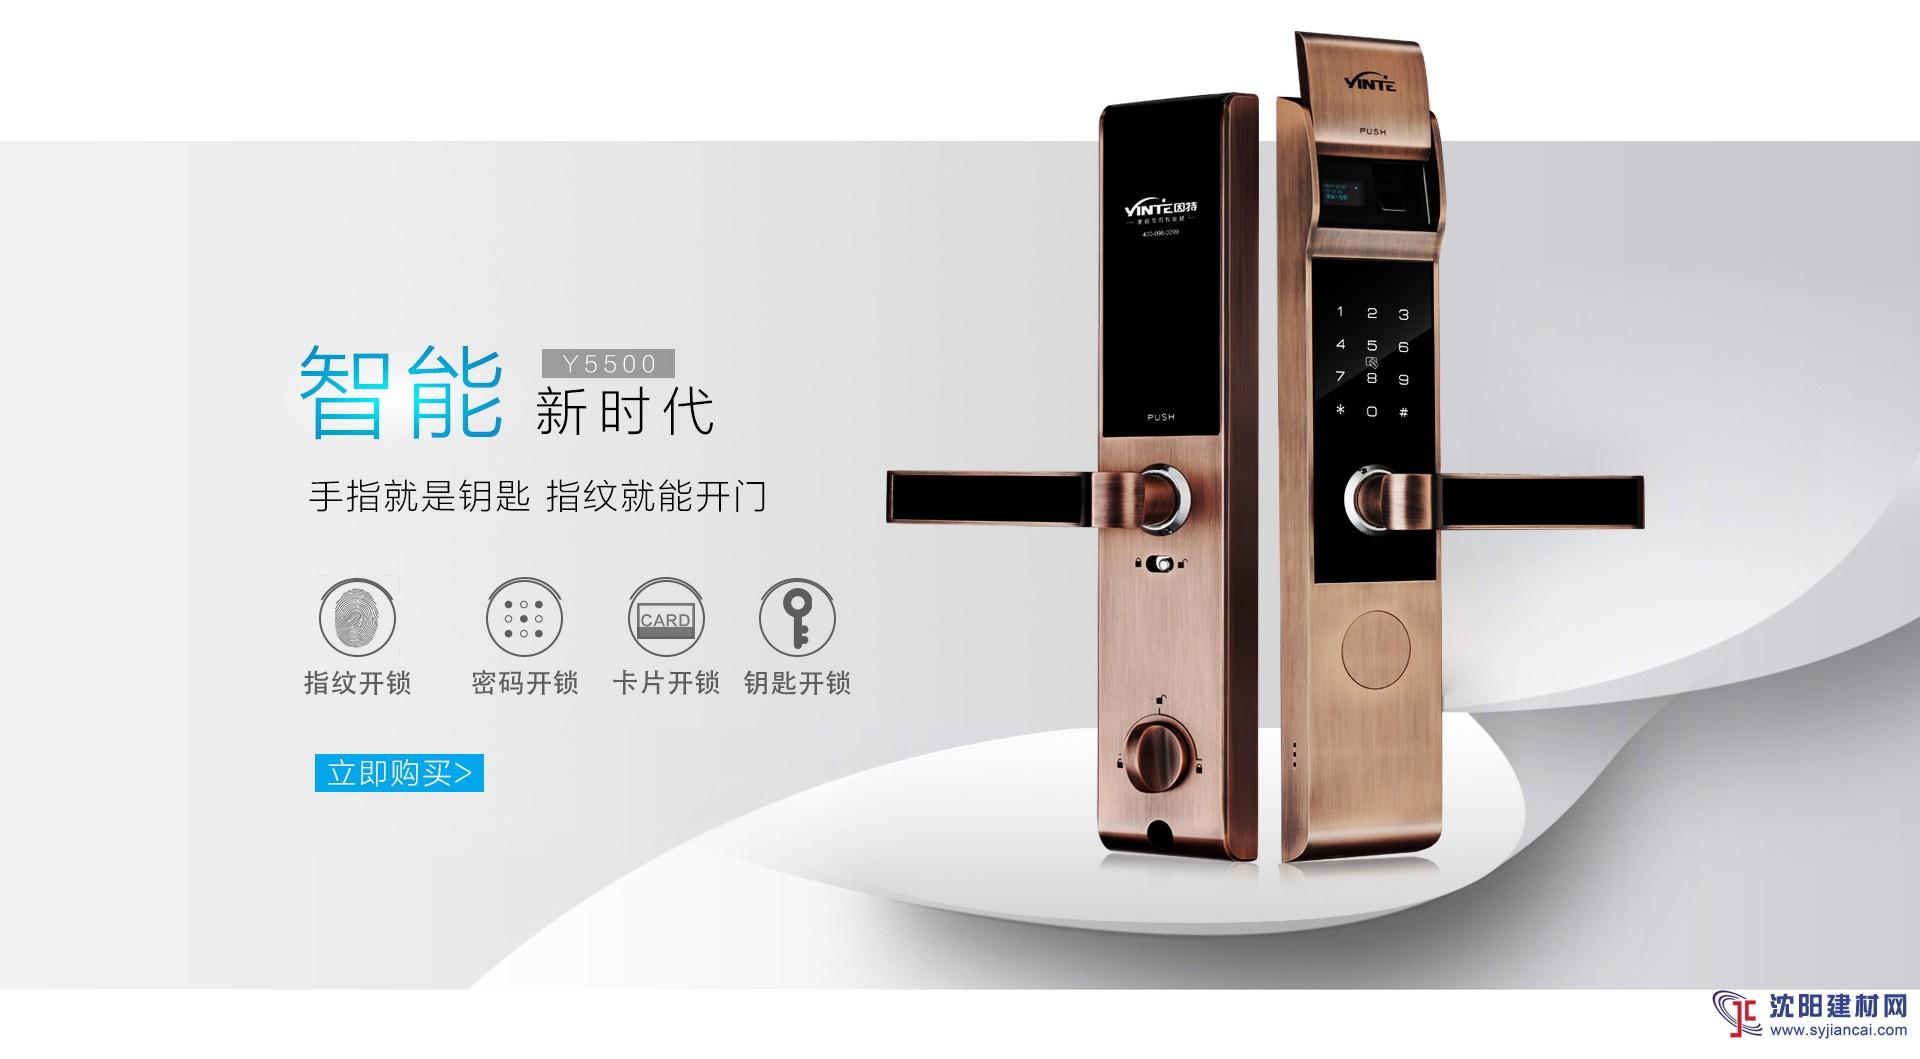 因特指纹锁家用智能锁新款通用型电子锁密码锁Y5500S